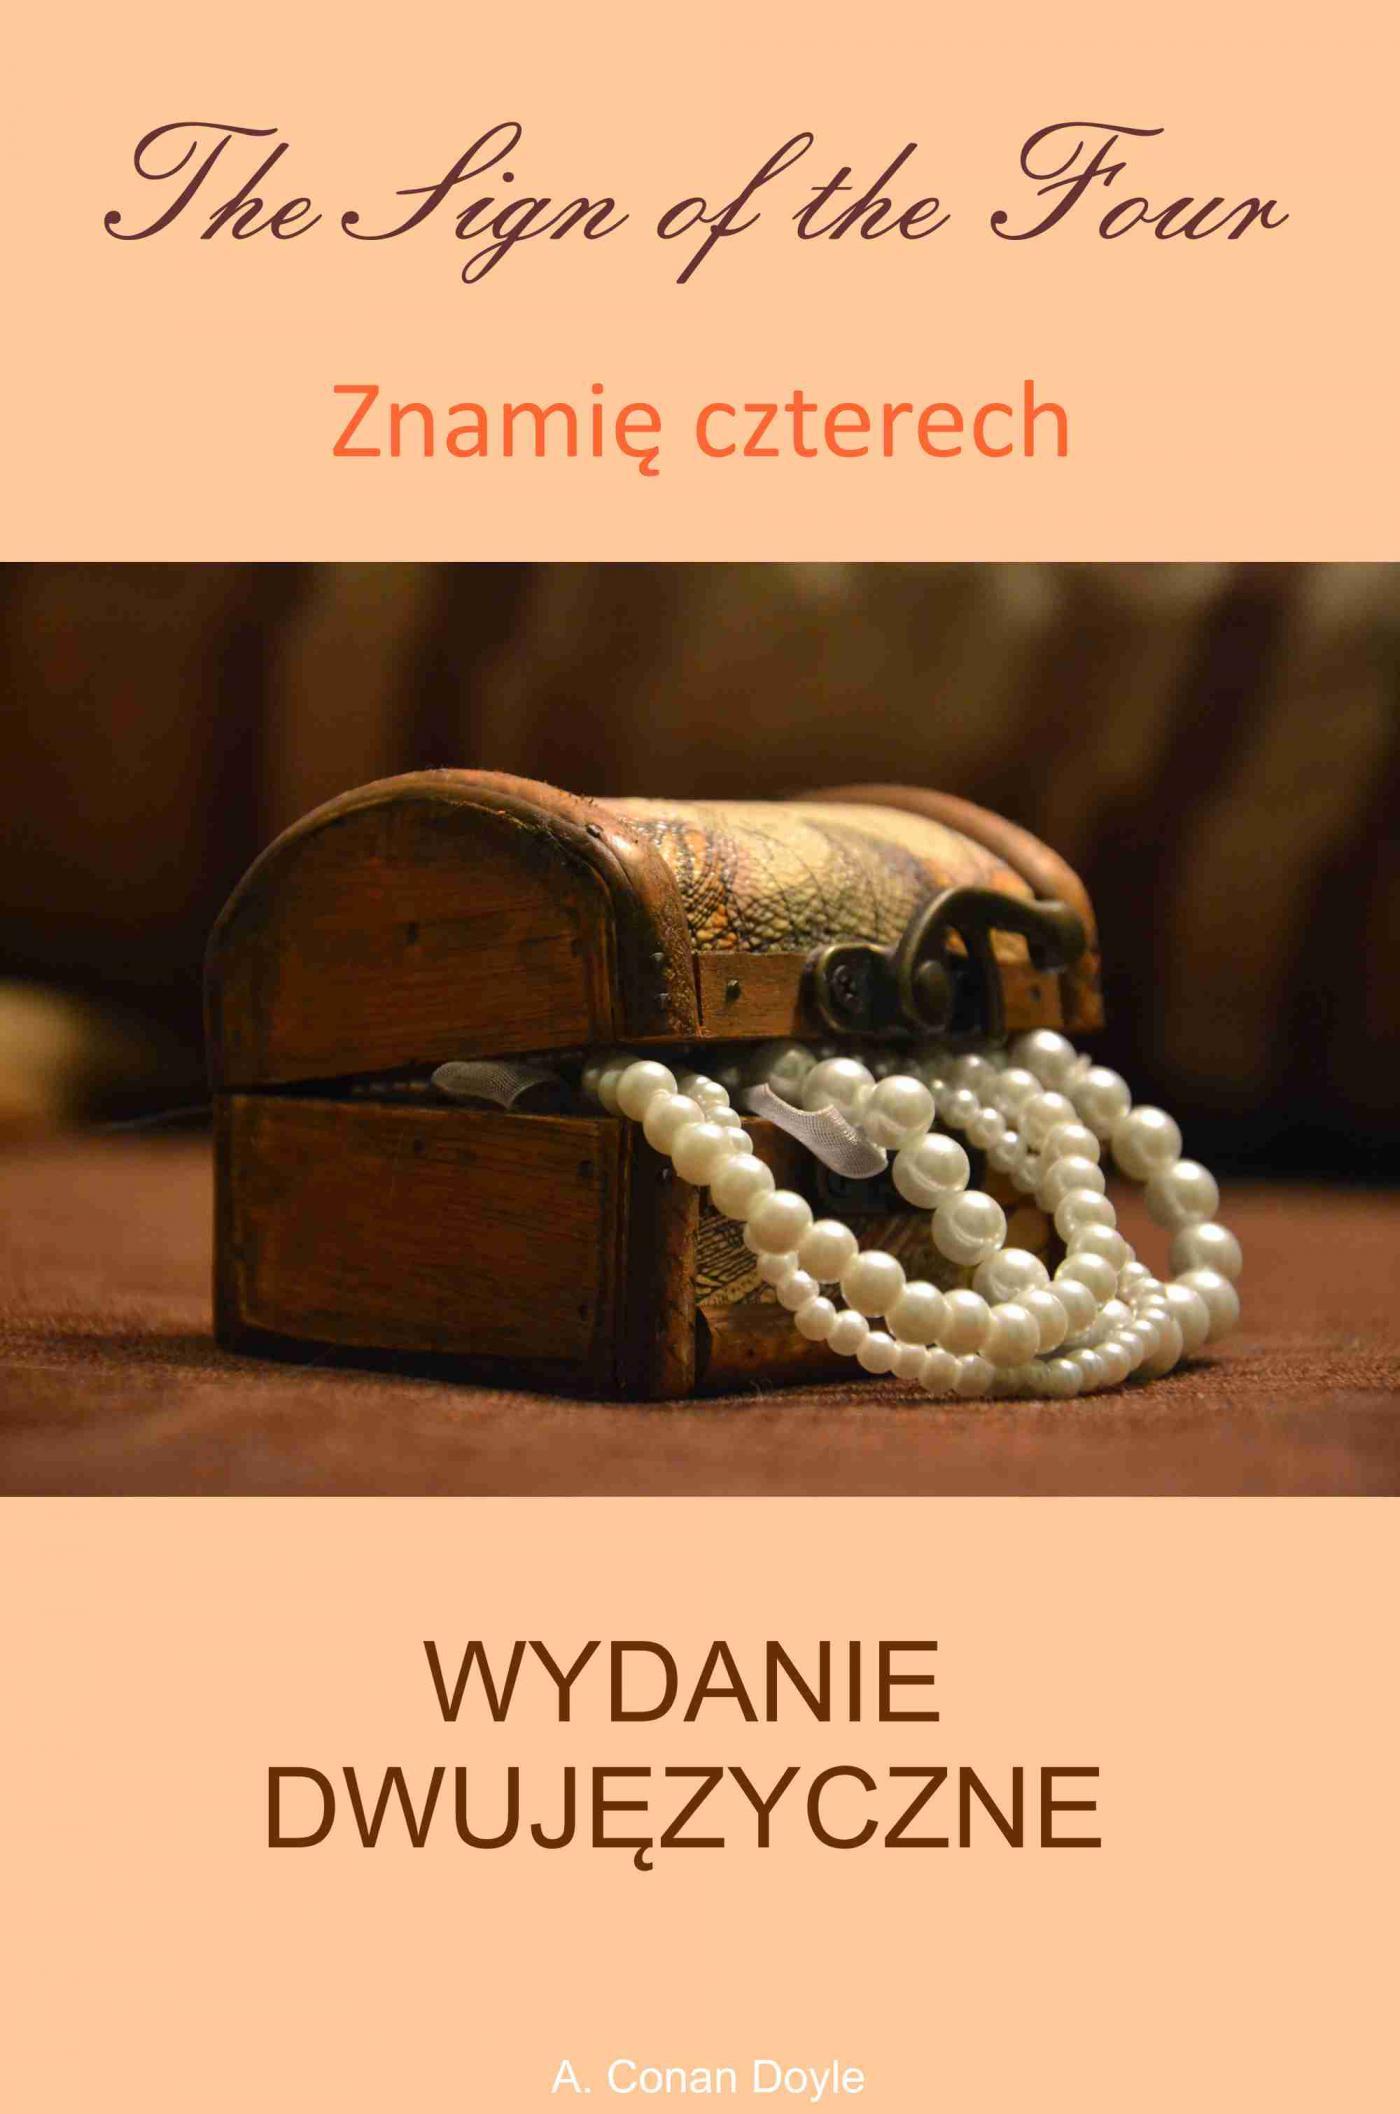 Znamię czterech. Wydanie dwujęzyczne angielsko-polskie - Ebook (Książka PDF) do pobrania w formacie PDF